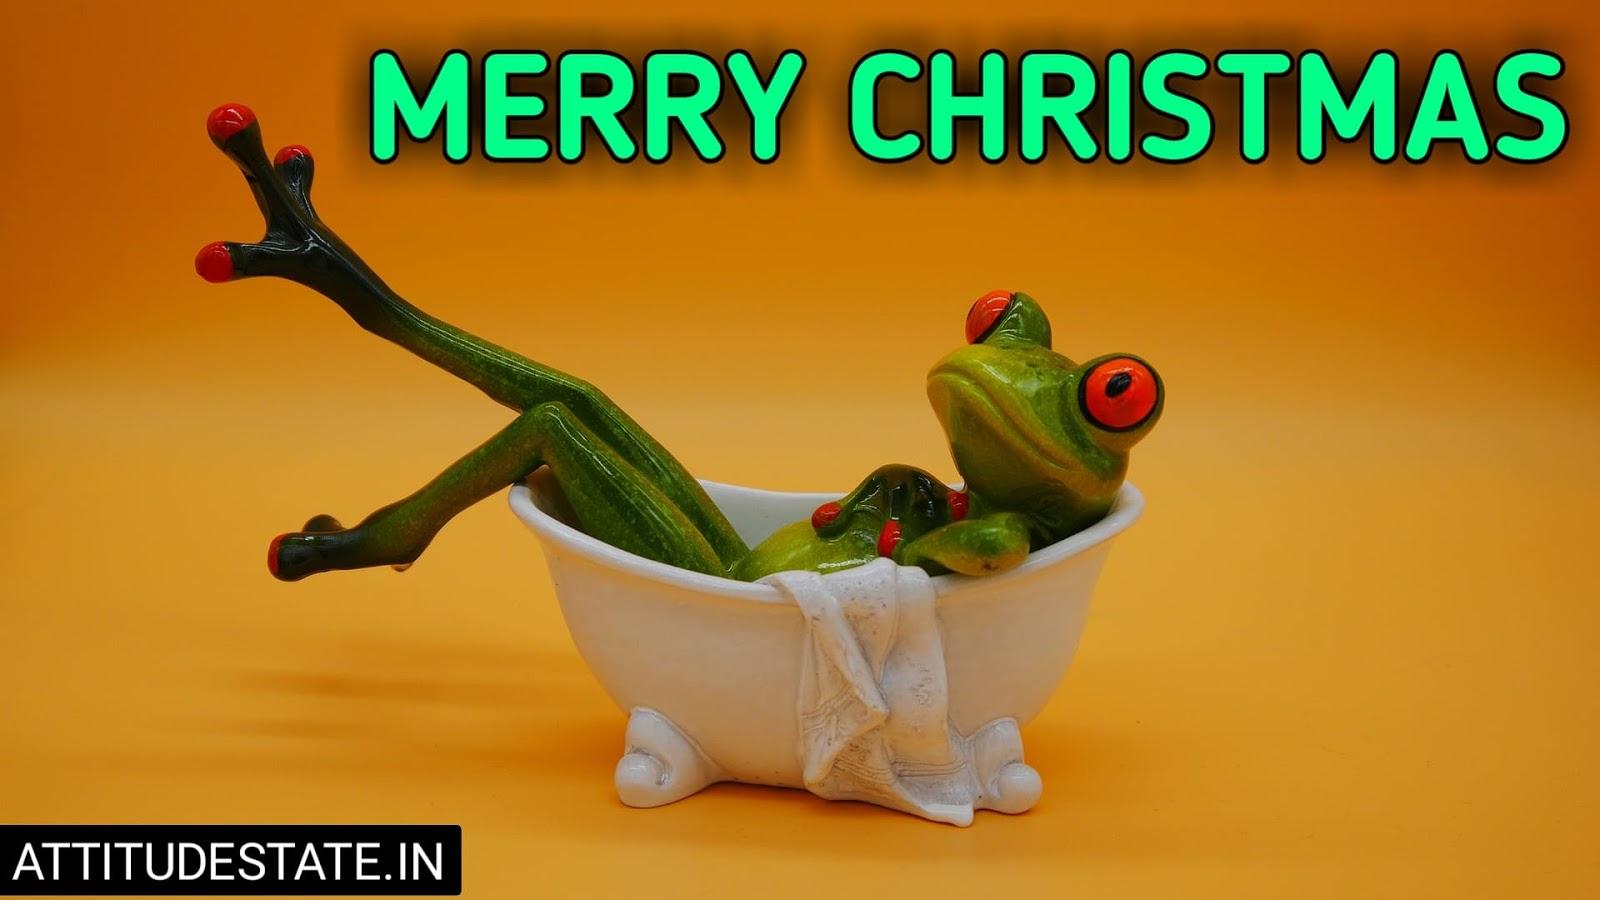 merry christmas eve funny gif